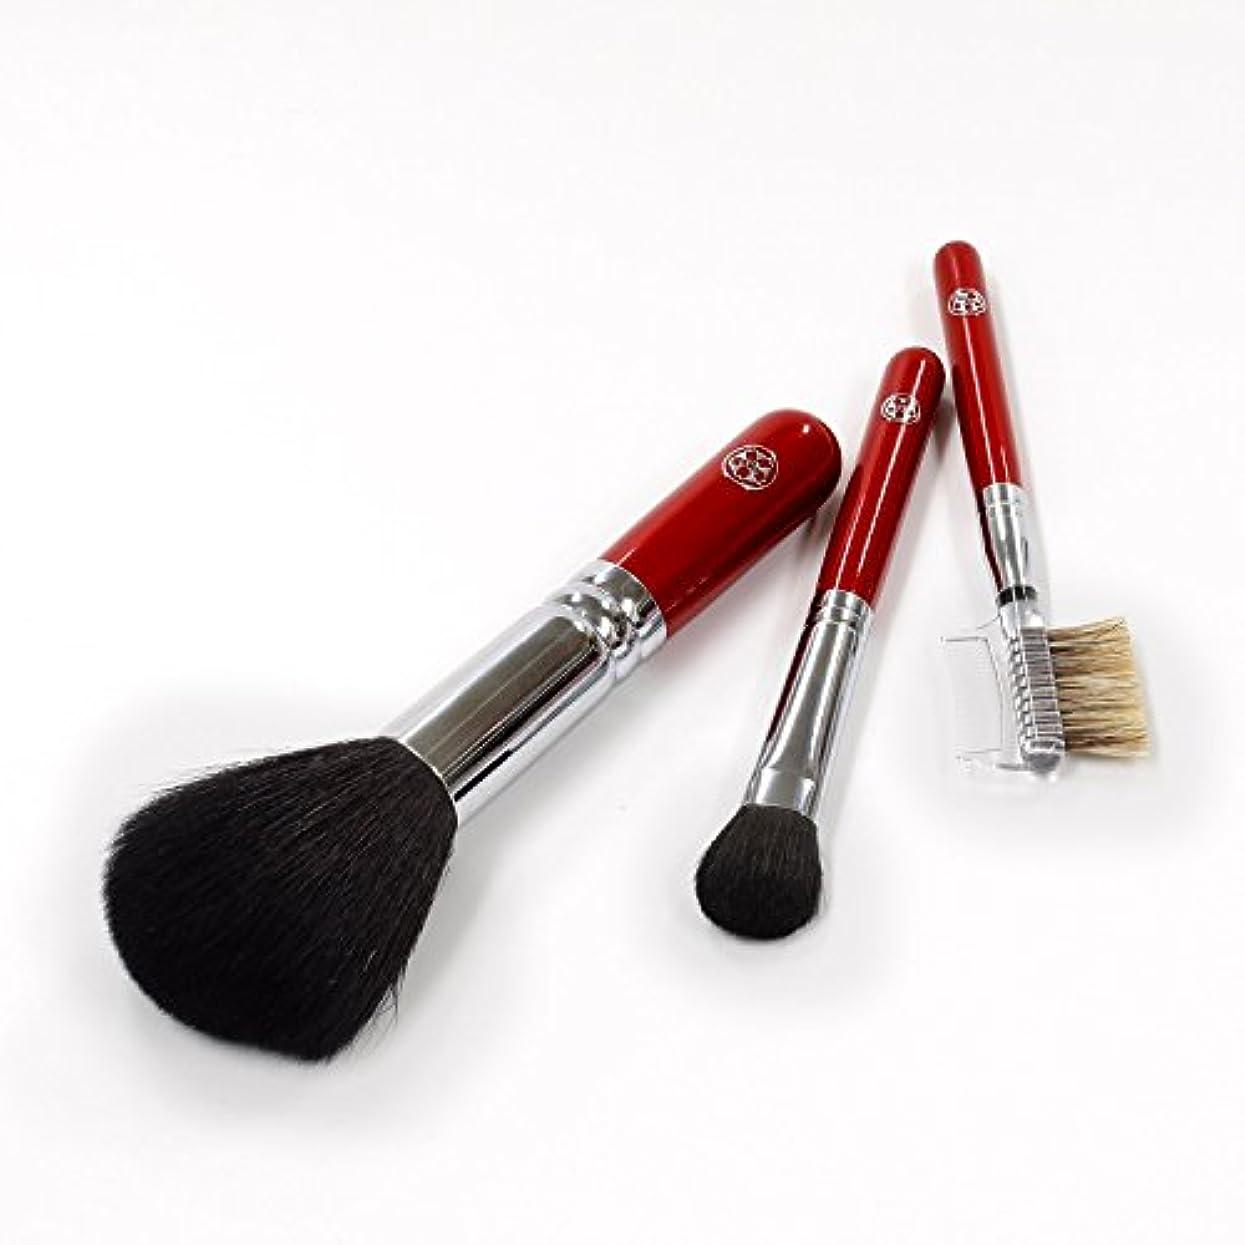 コンクリートあご霧ARRS-S3さくら筆 まずはこの3本から 基本の化粧筆 3本セット パウダー アイシャドー ブラシ&コーム 六角館さくら堂 ロゴ入り 女性の手になじみやすい赤軸ショートタイプ 熊野筆